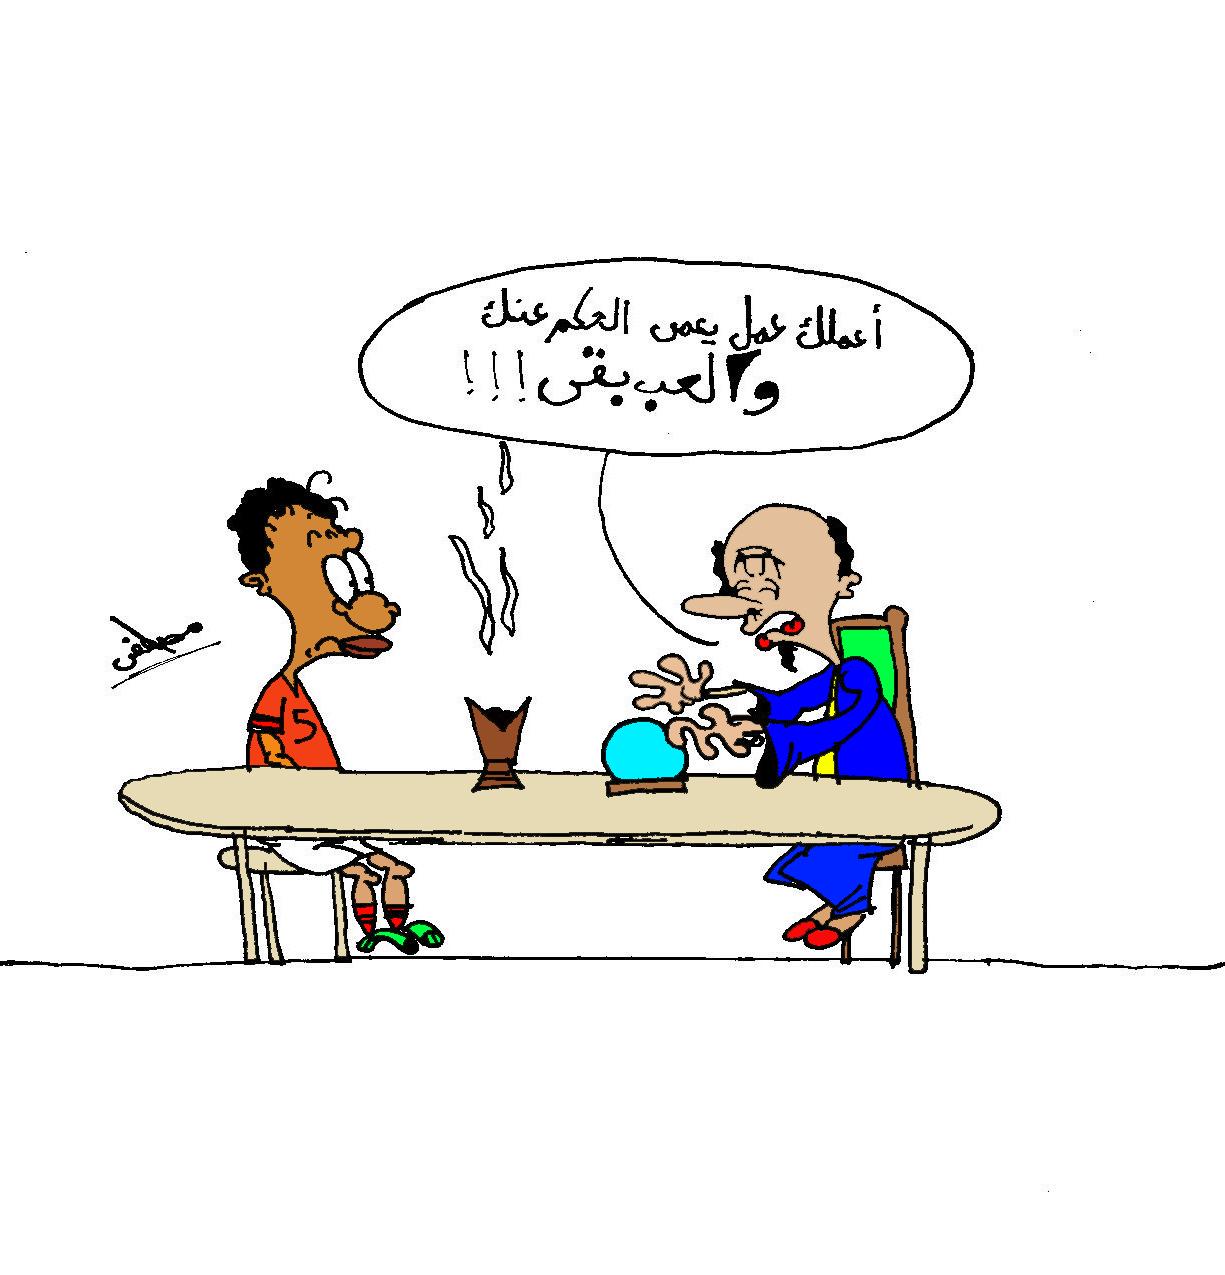 كاريكاتير مصطفى سعيد (1)